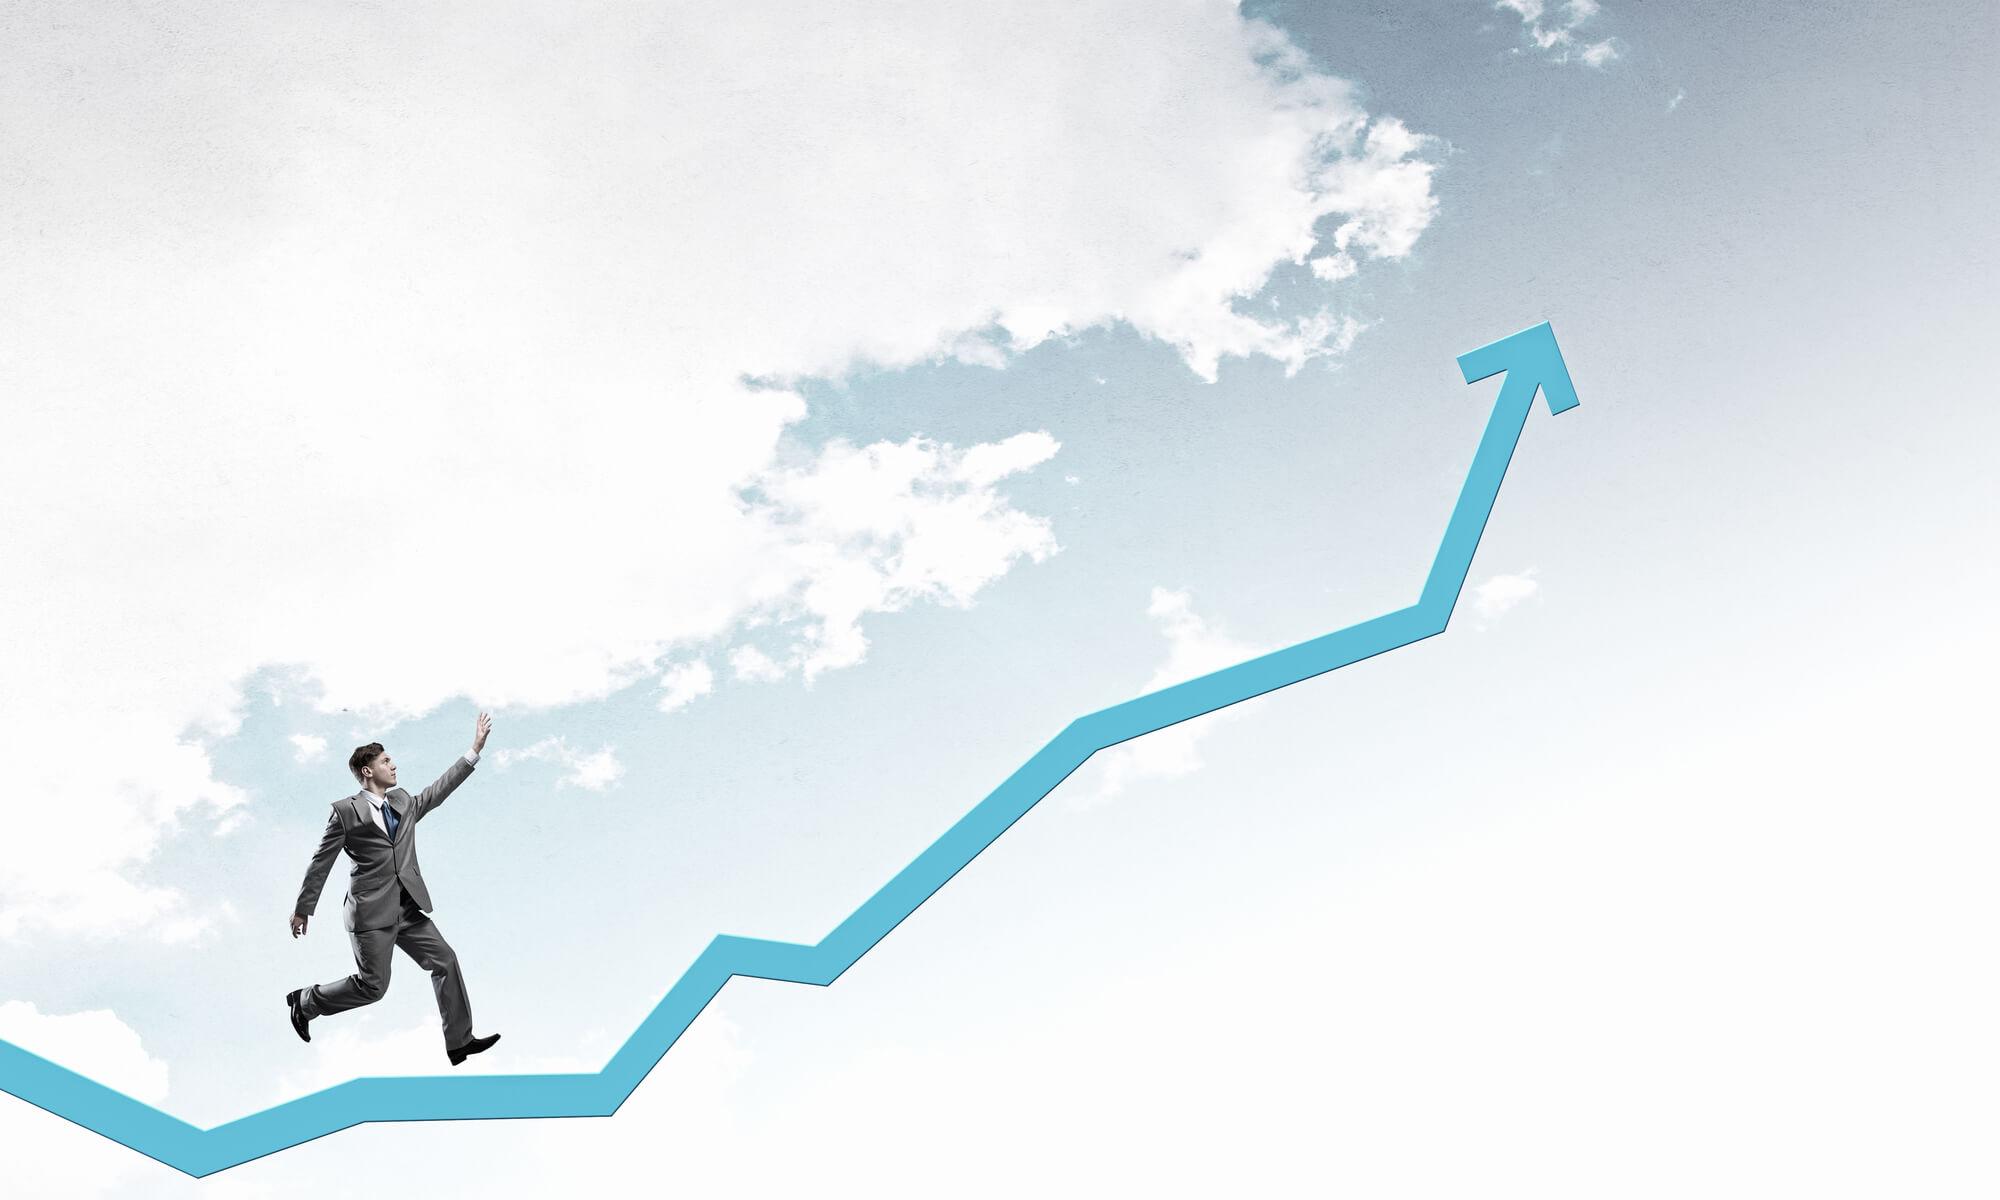 40代男性の転職市場は上向き